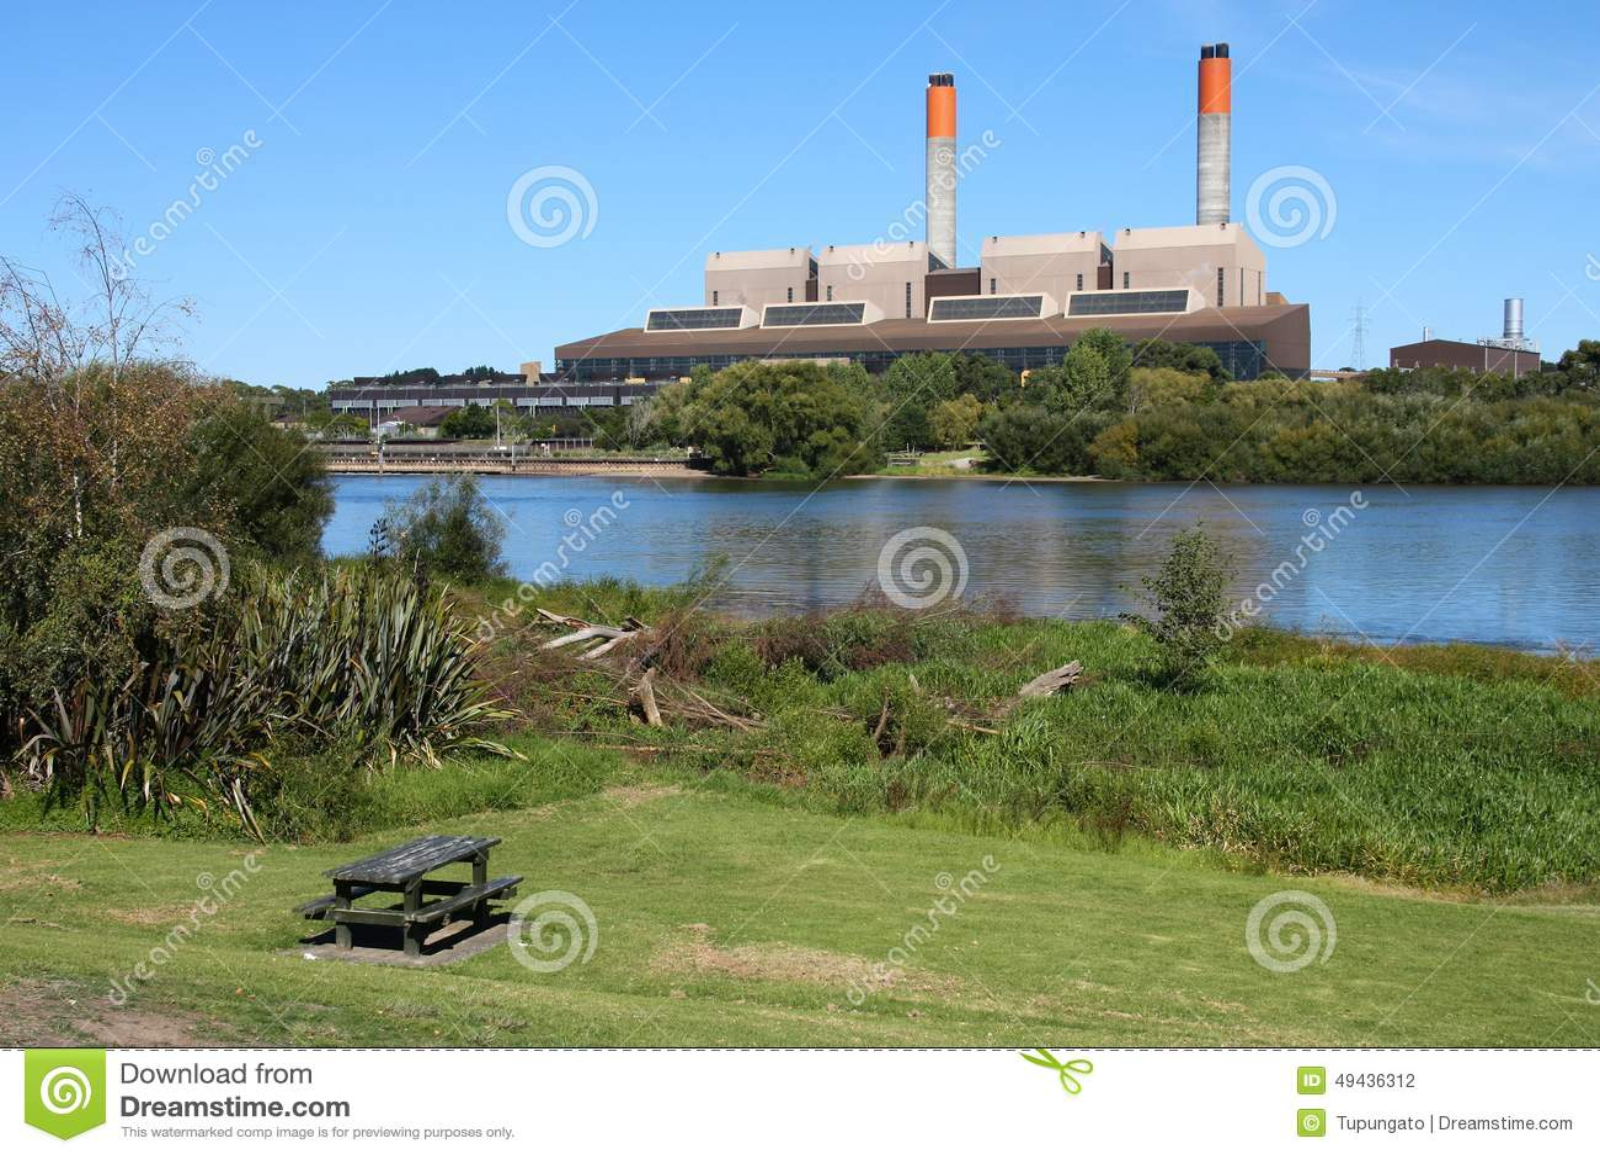 De elektrische centrale van nieuw zeeland redactionele fotografie afbeelding 49436312 - Centrale eiland prijzen ...